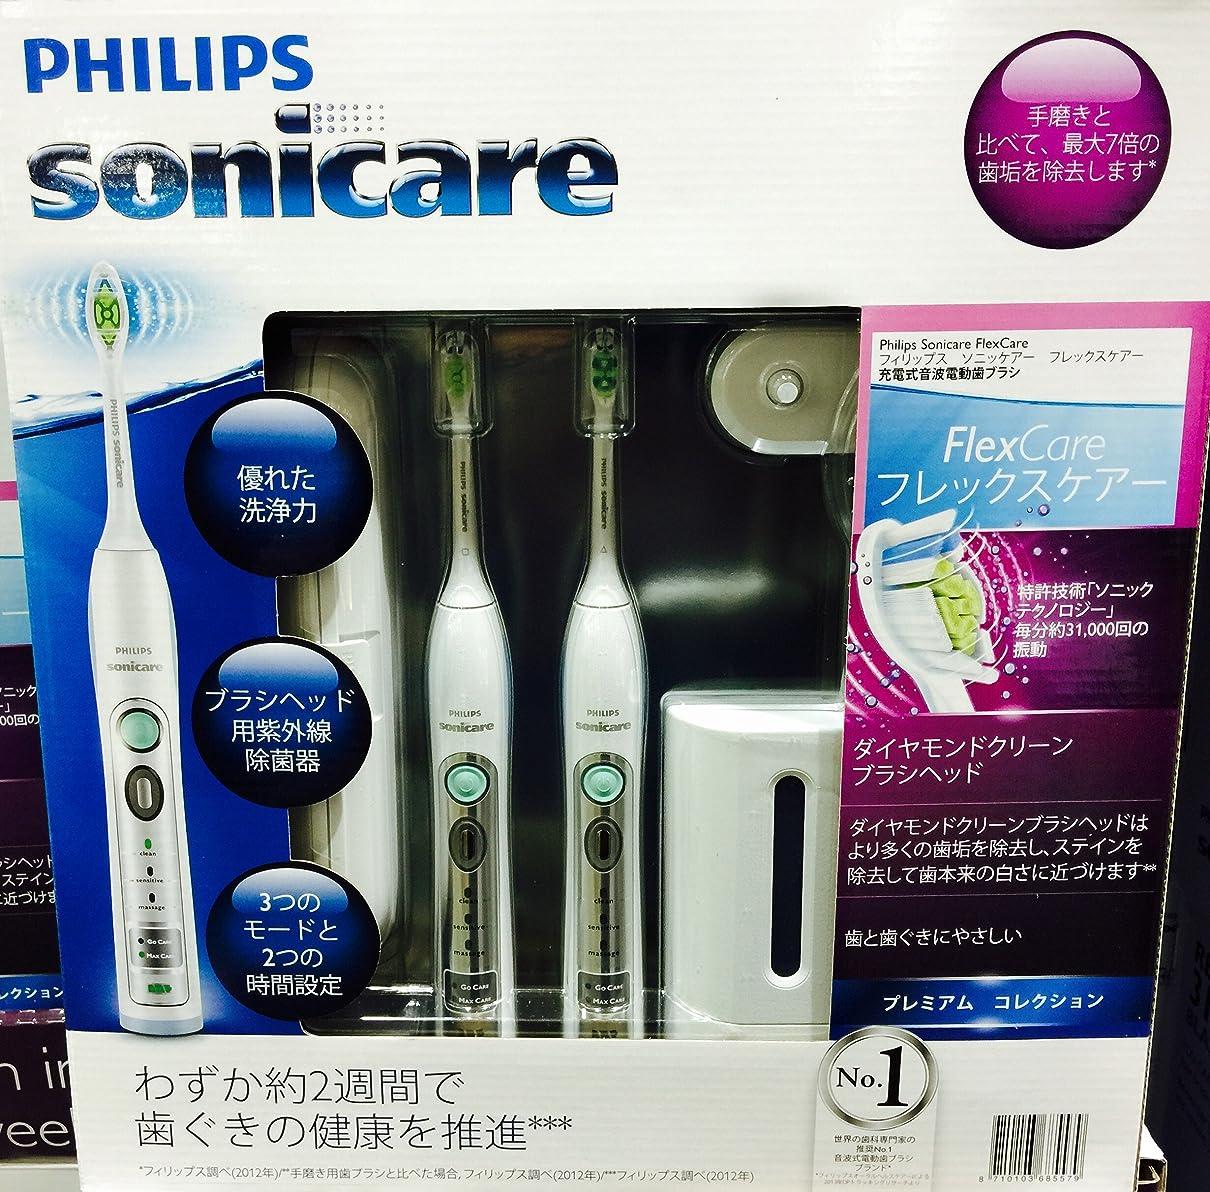 乳白色徹底つま先PHILIPS Sonicare FlexCare フィリップス 電動歯ブラシ ソニッケアー フレックスケアー プレミアムコレクション 本体2本 紫外線除菌チャージャー ダイヤモンドクリーンヘッドブラシ HX6962/72